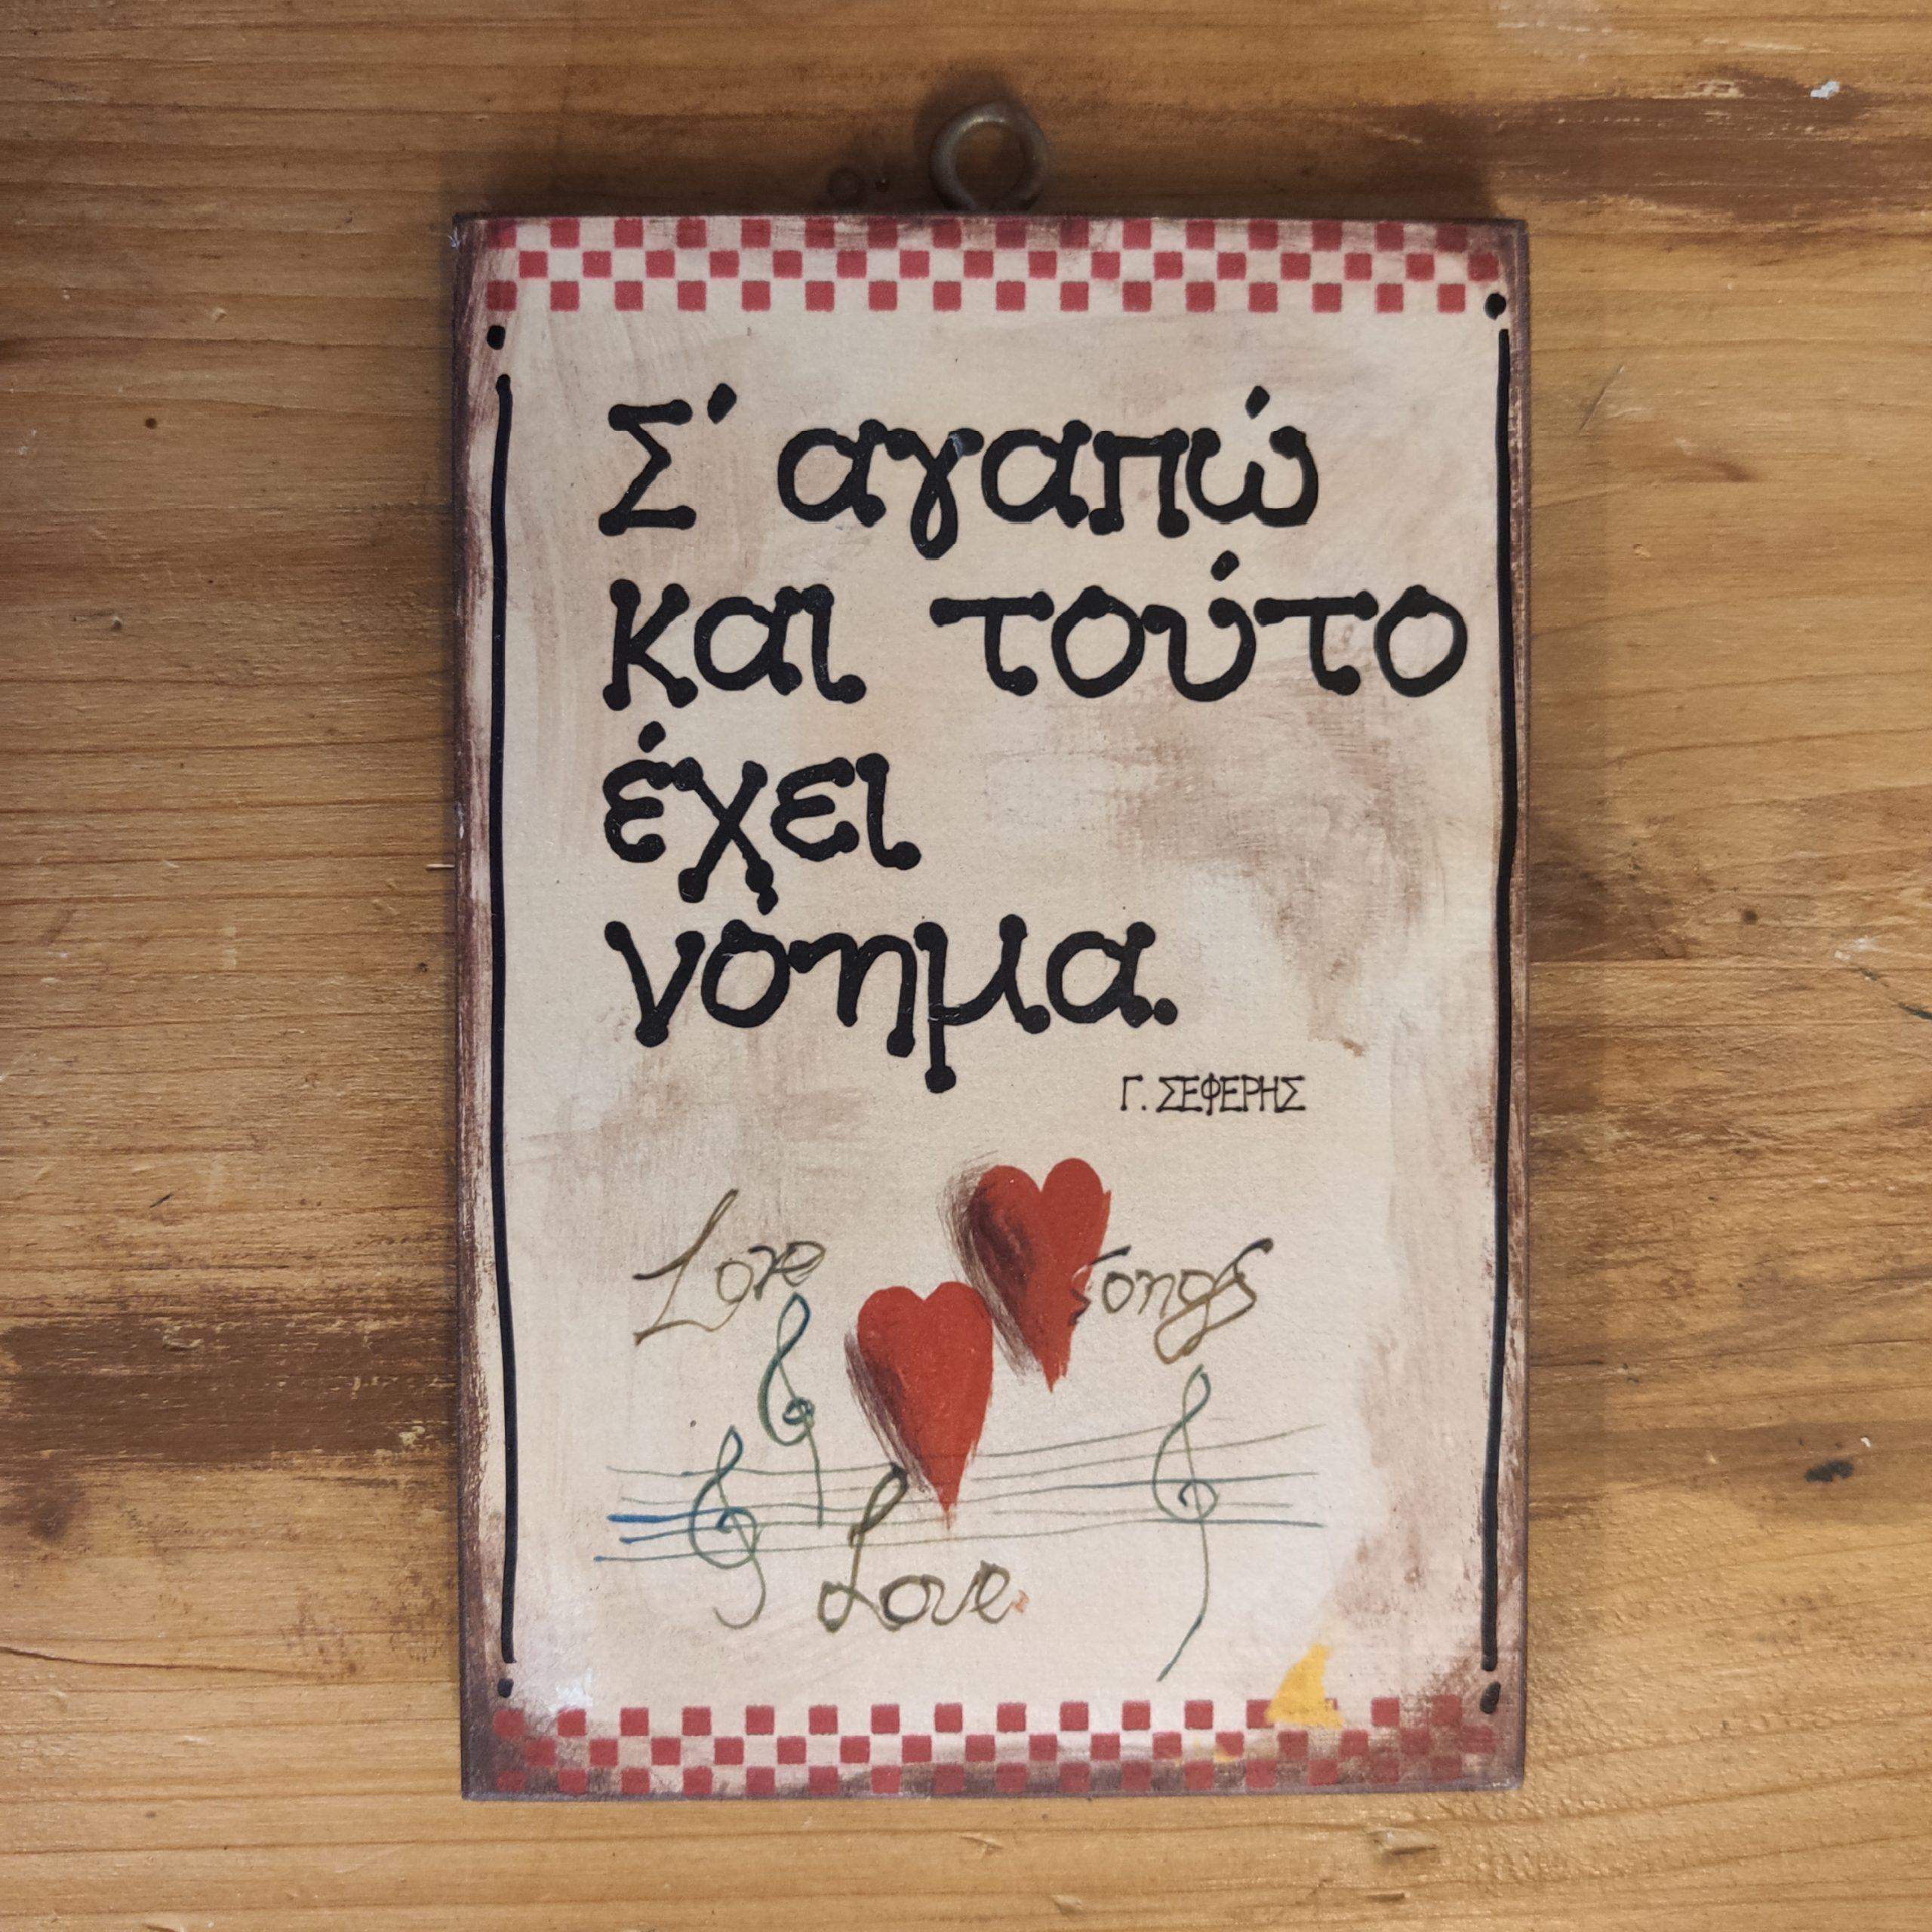 Σ' αγαπώ και τούτο…